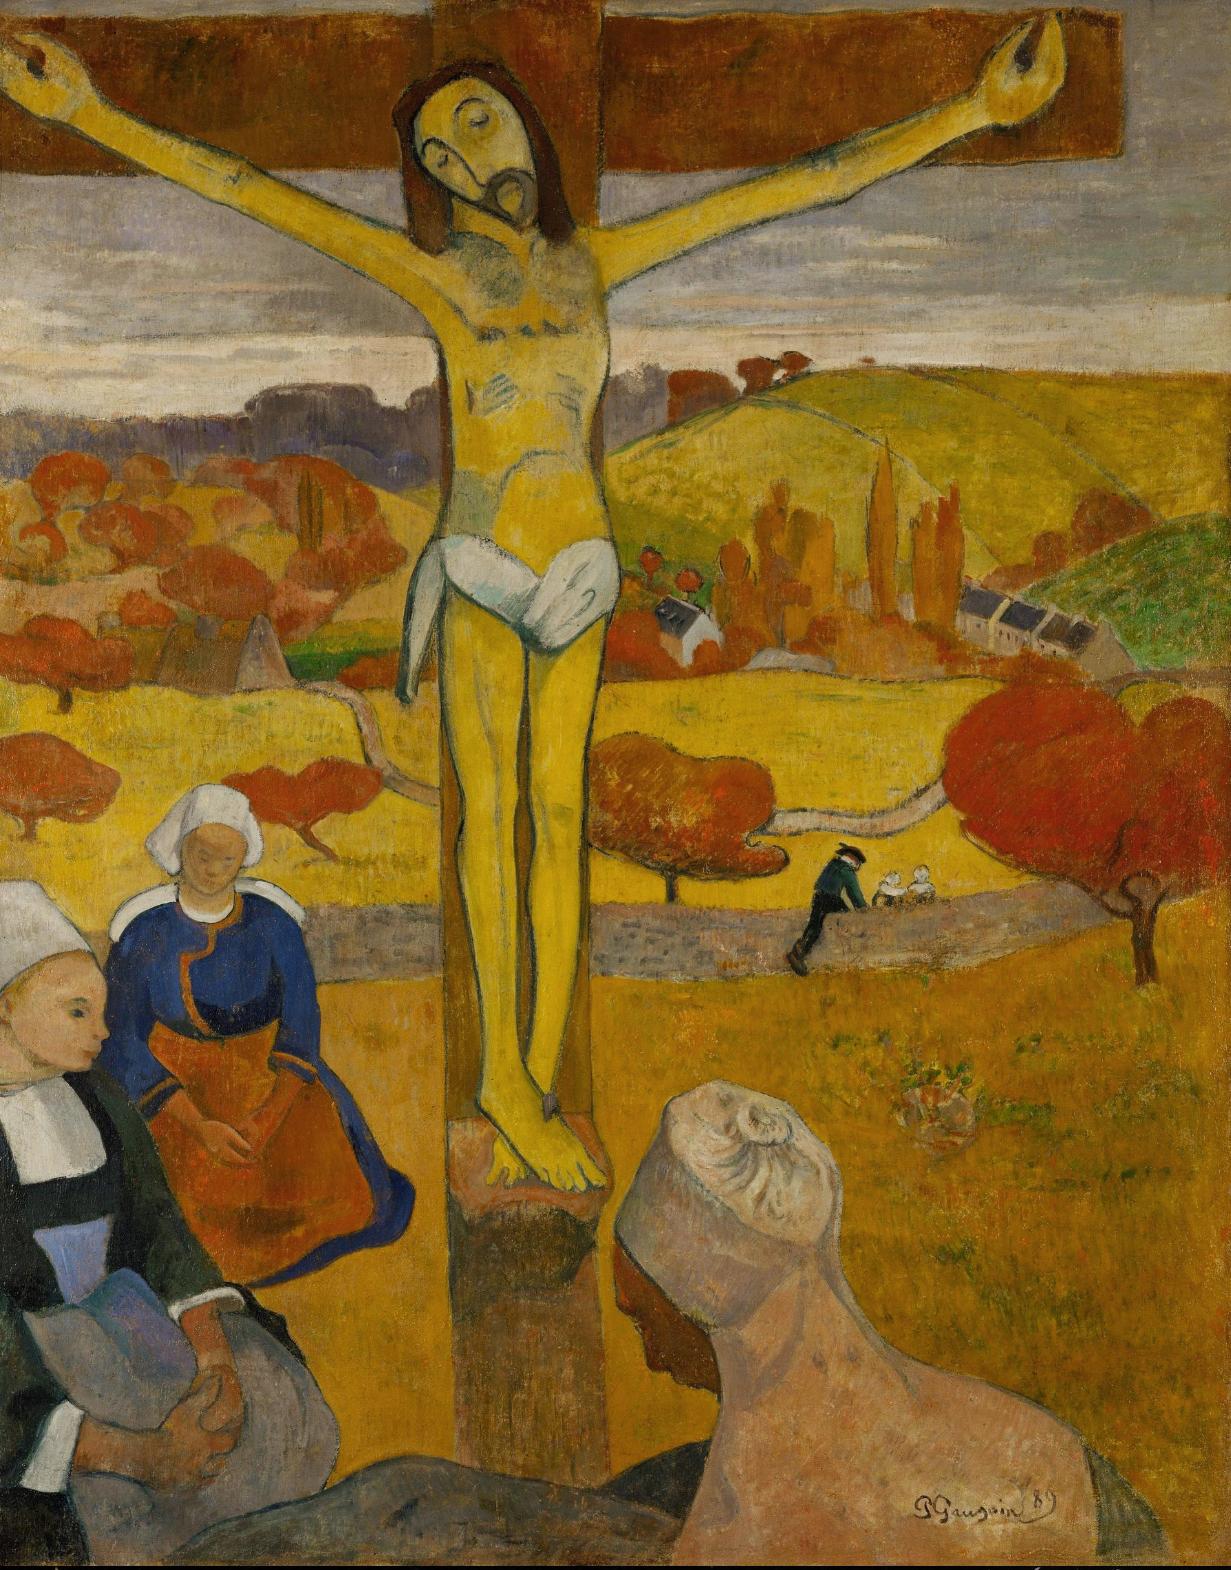 Gauguin 1889 Le Christ jaune galerie d'art Albright-Knox NY 91,1 × 73,4 cm